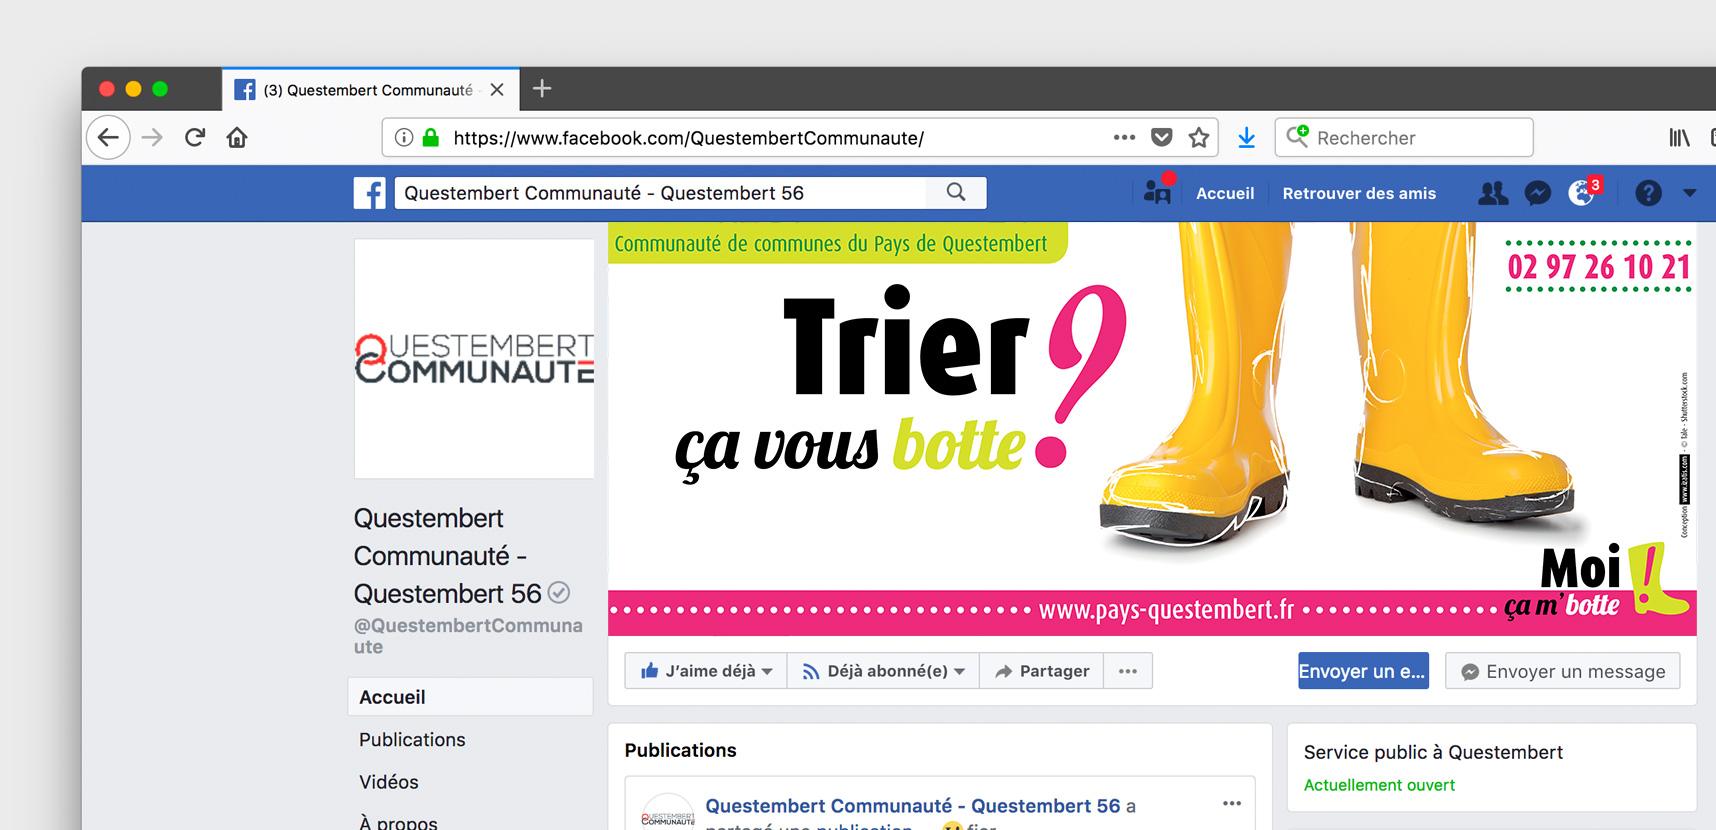 IZATIS_QUESTEMBERT_COMMUNAUTE_bandeau_facebook